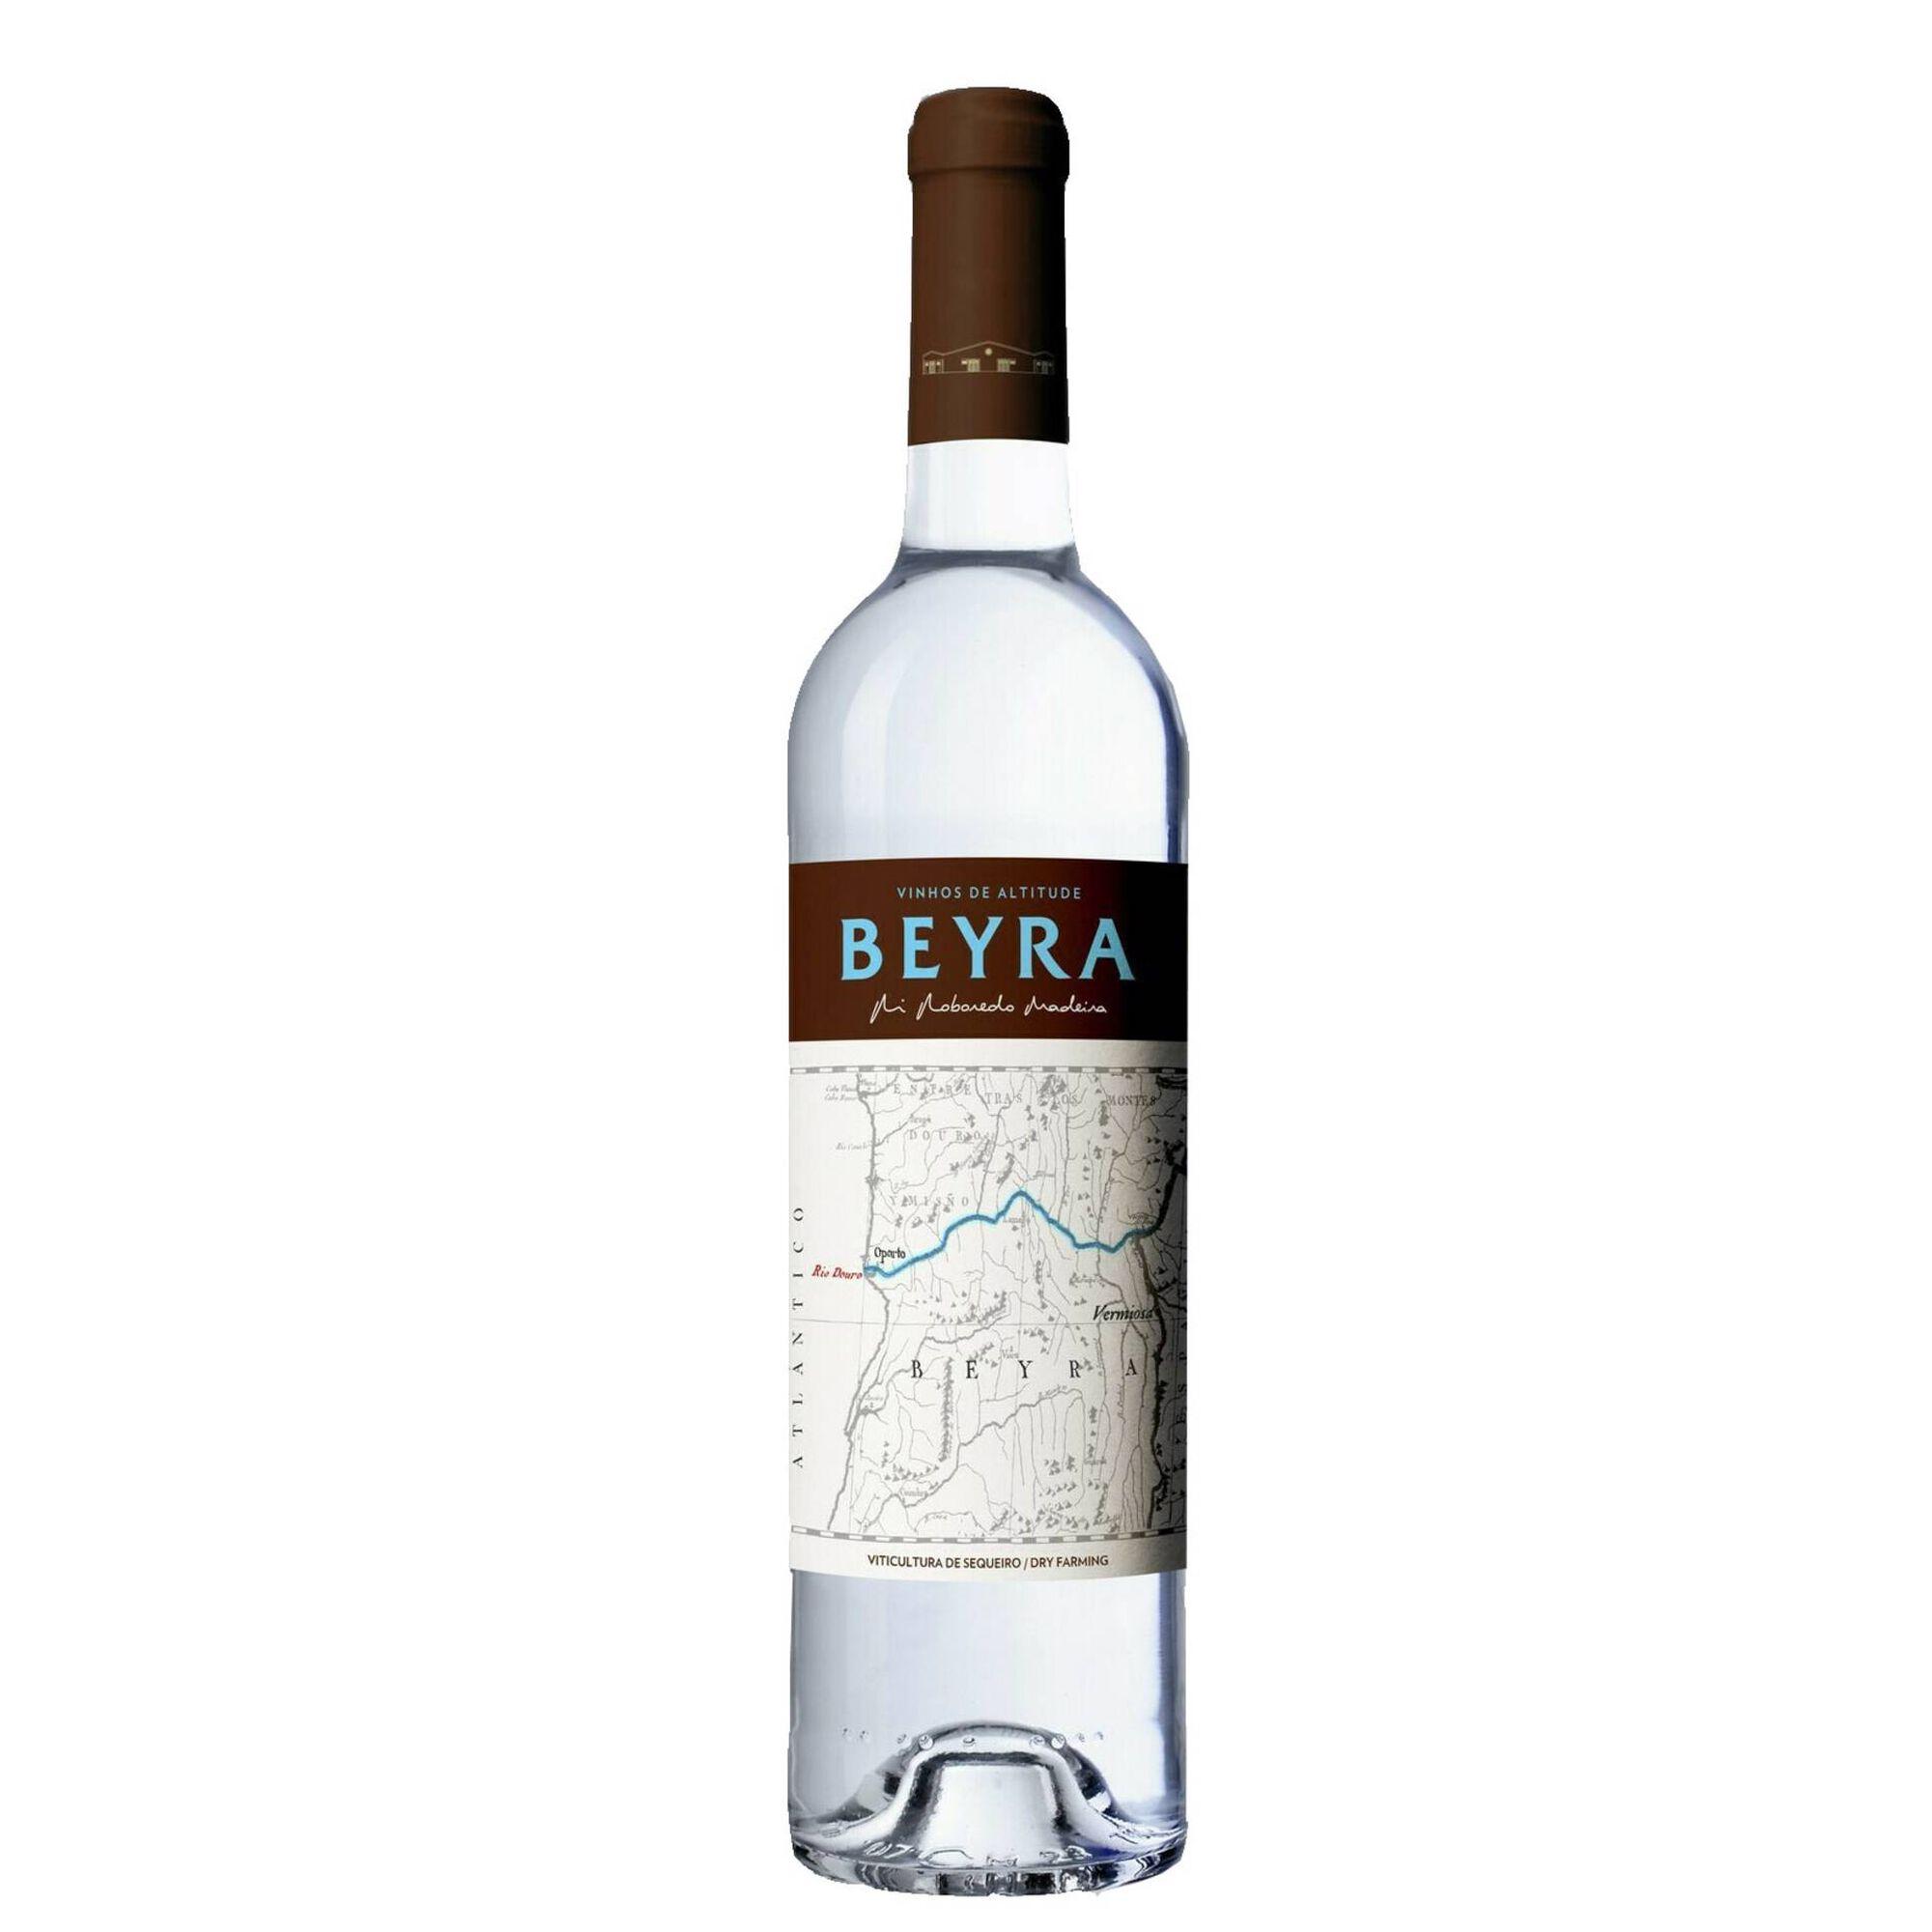 Beyra DOC Beira Interior Vinho Branco